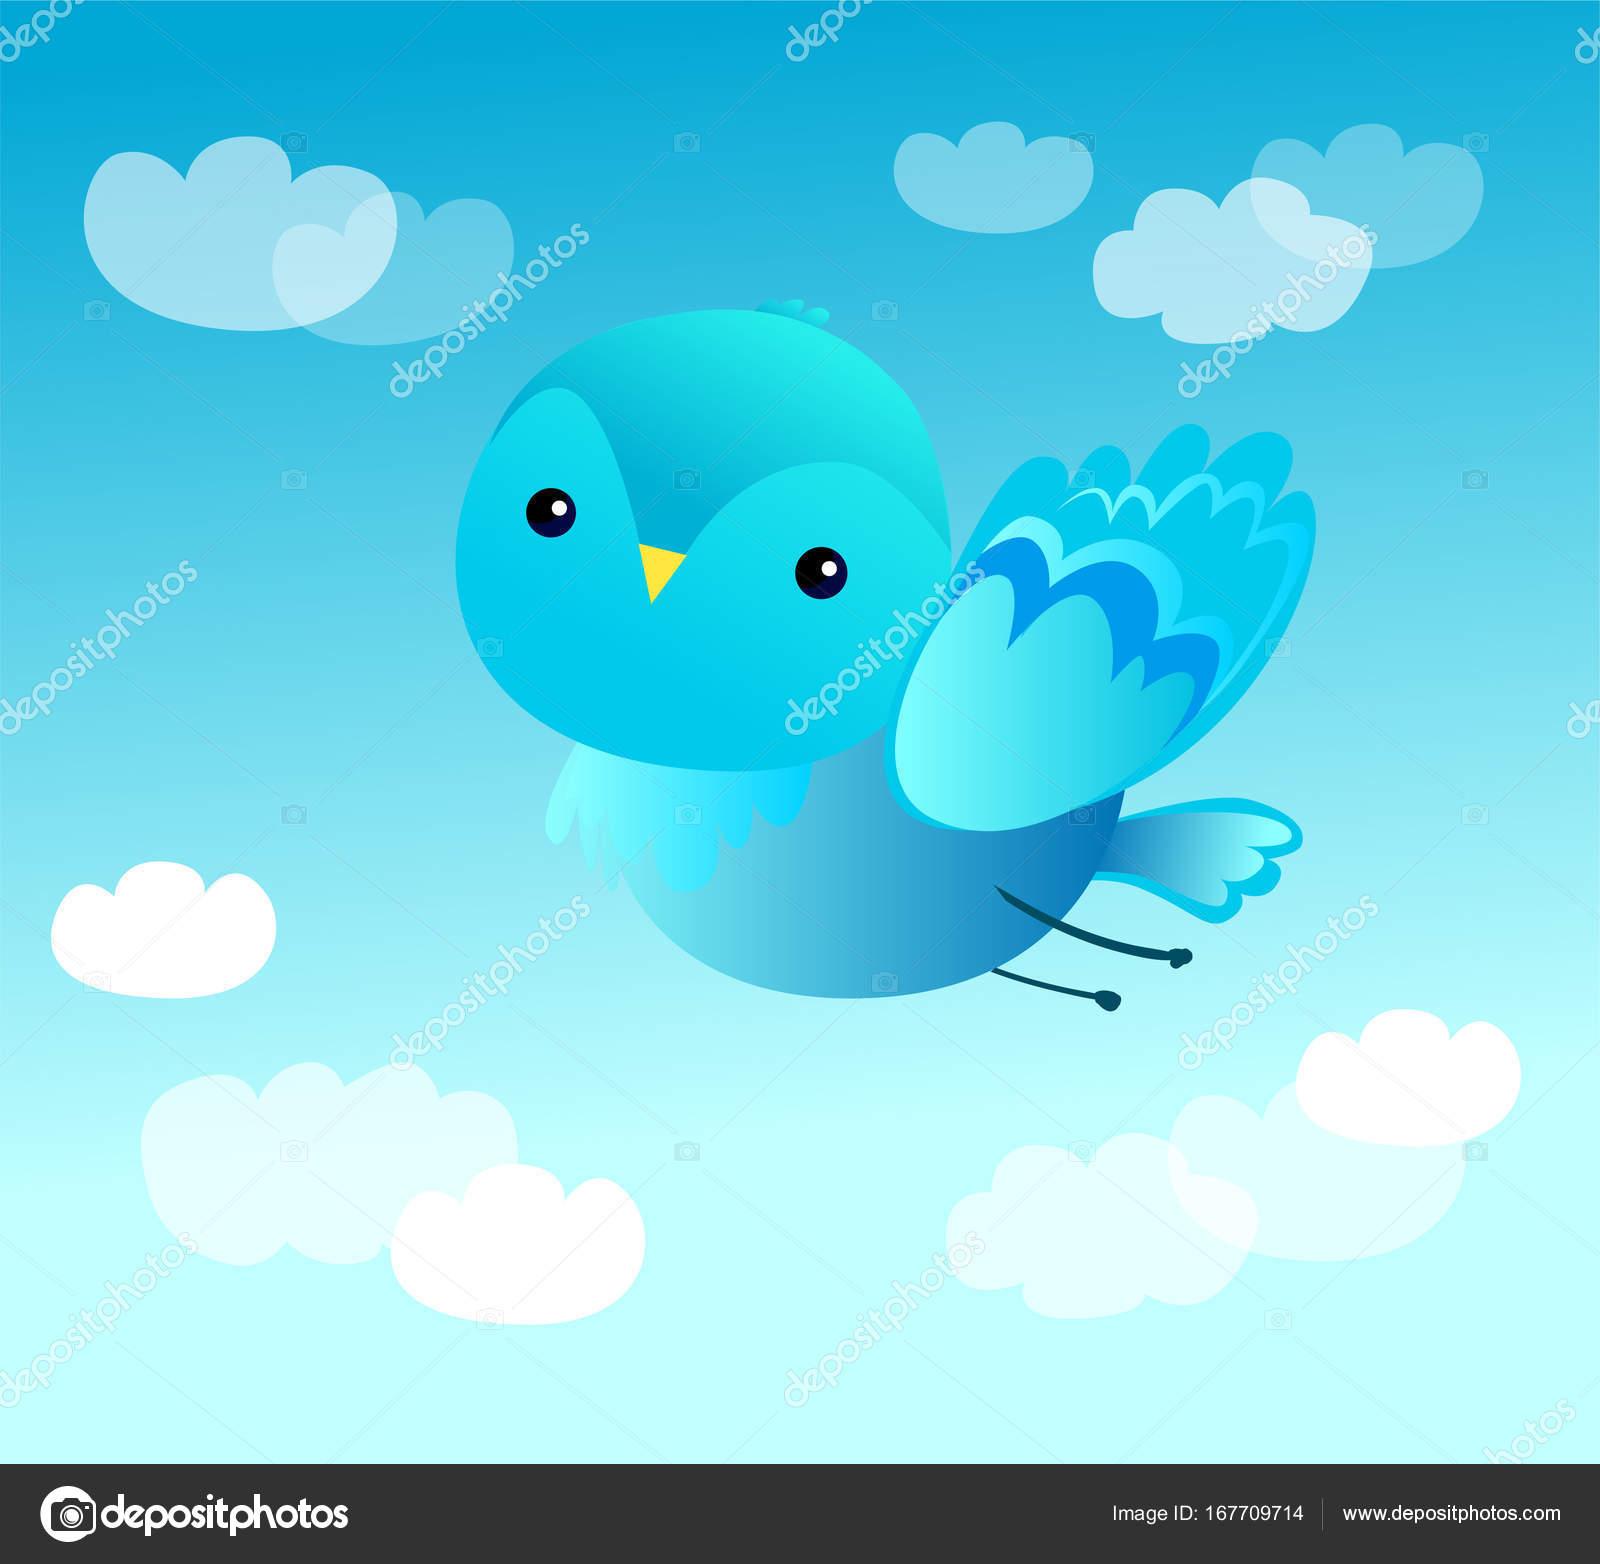 adoráveis desenhos animados passarinho vetores de stock alsoush